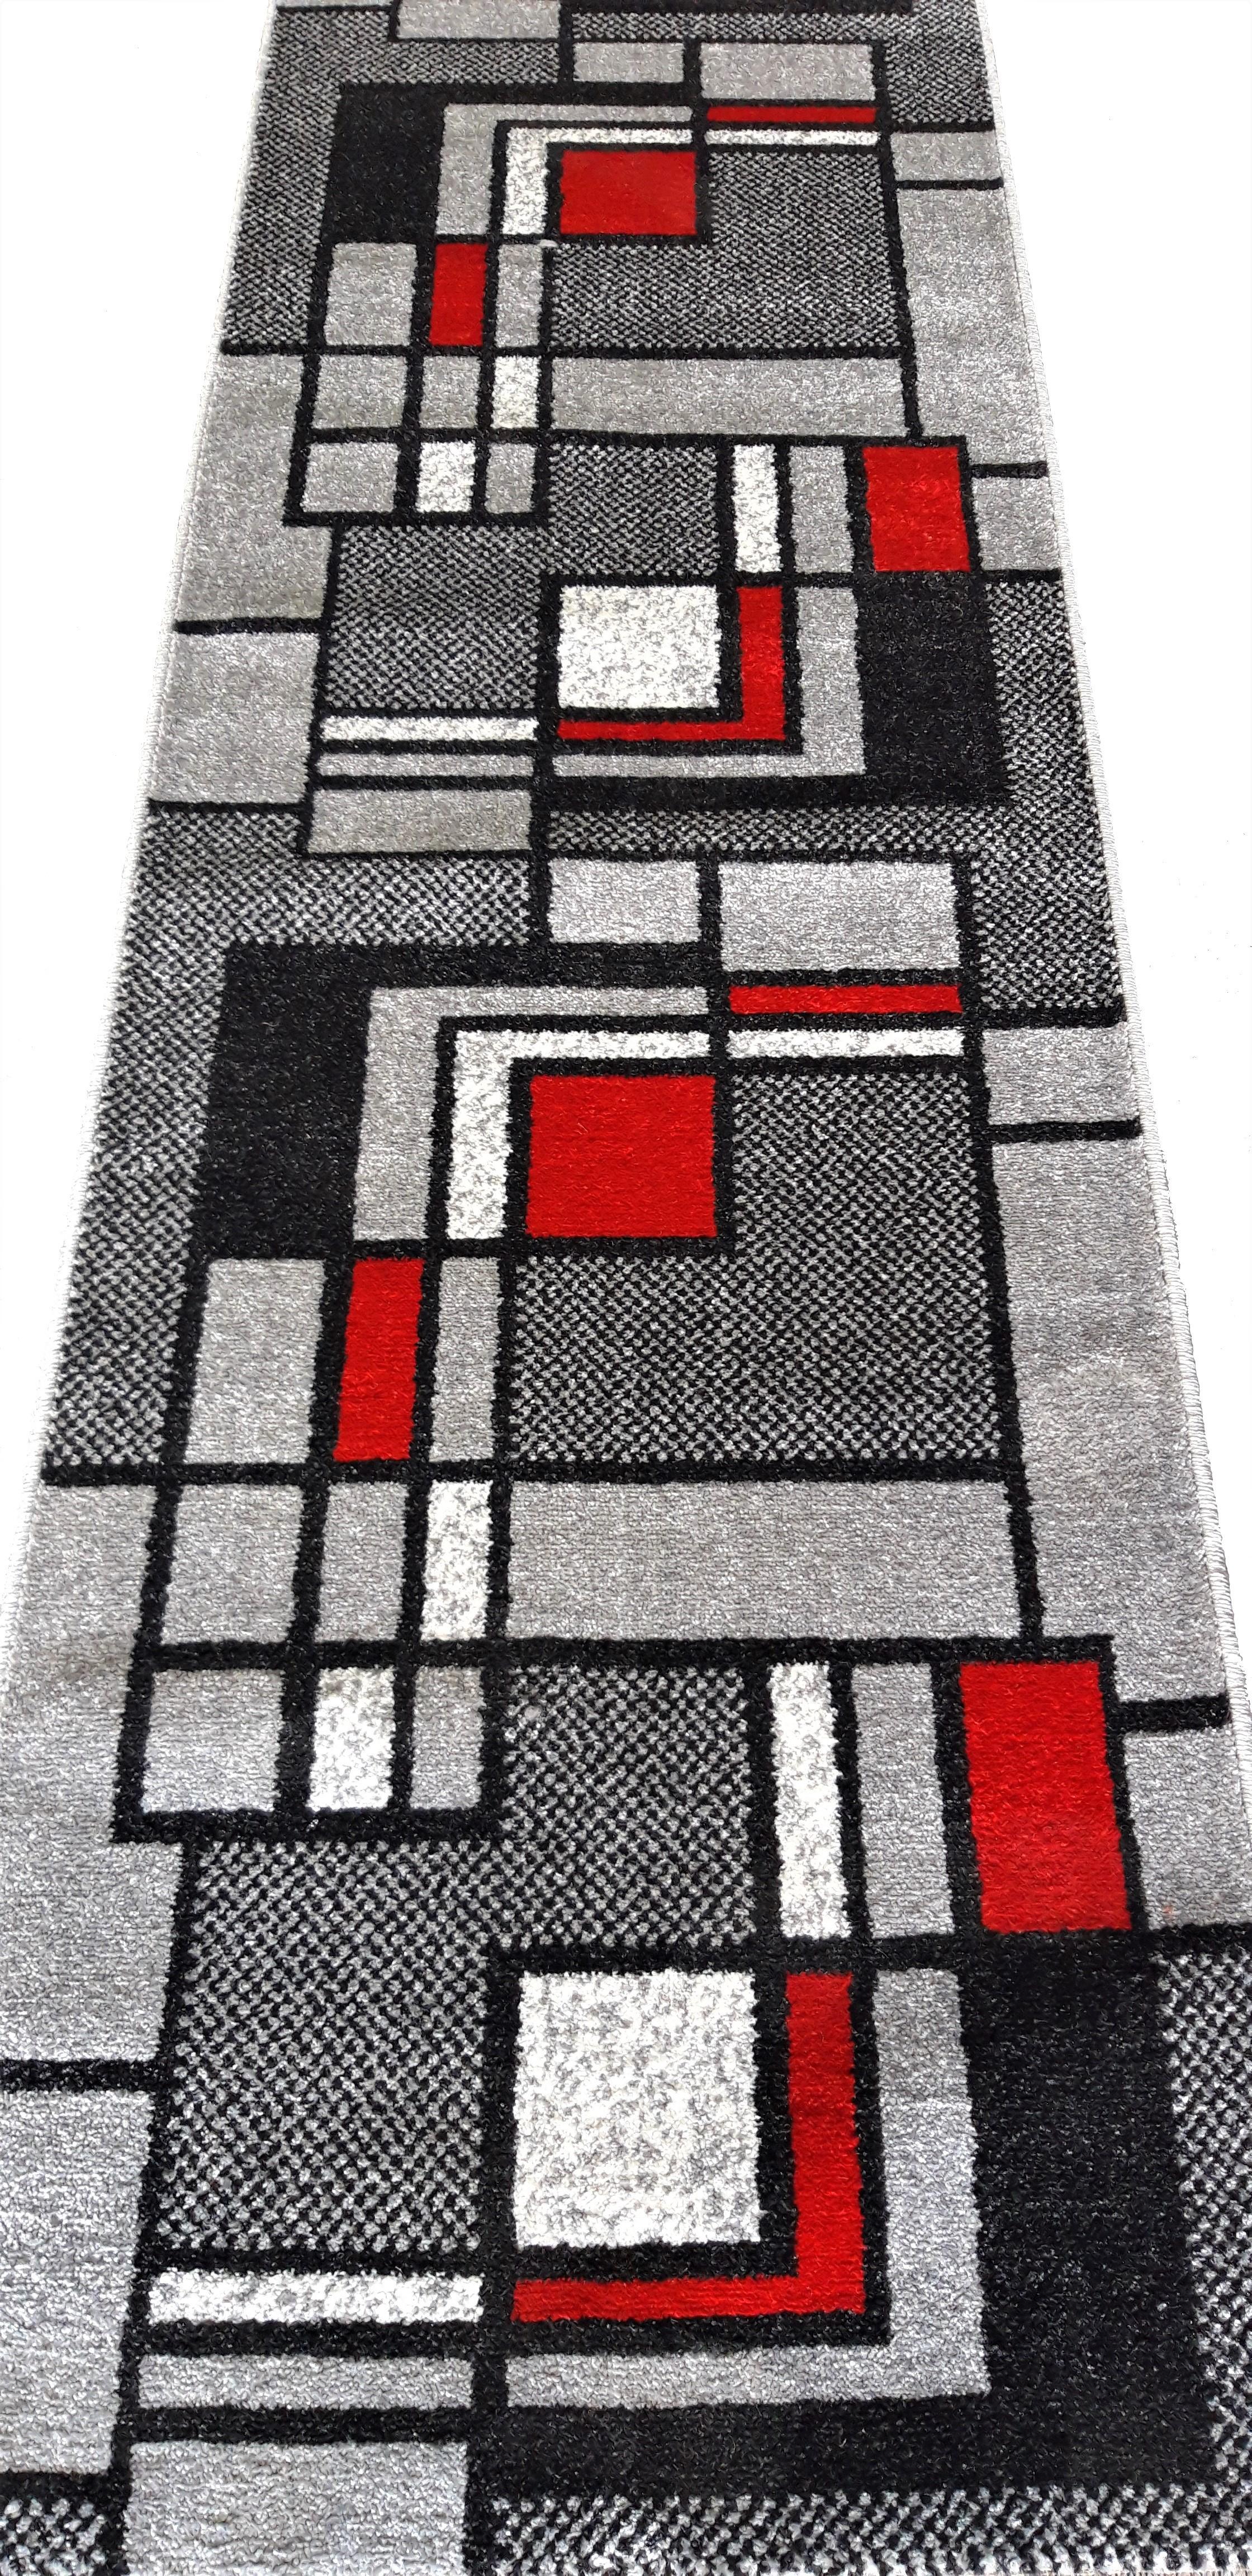 Traversa Covor, Cappuccino 16406, Multicolor, 80x500 cm, 1700 gr/mp [1]